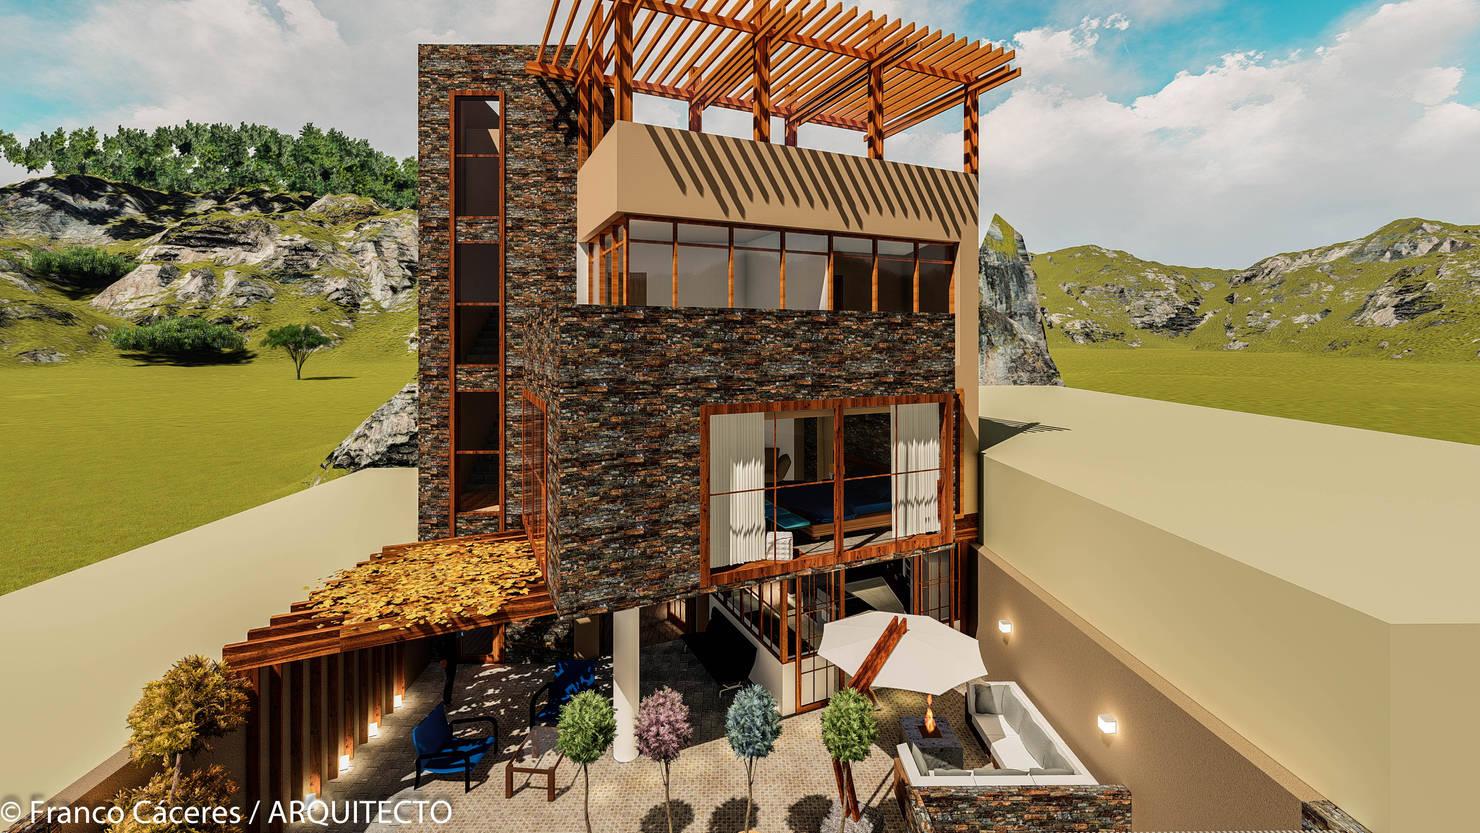 Construcción de casas sustentable con materiales reciclados